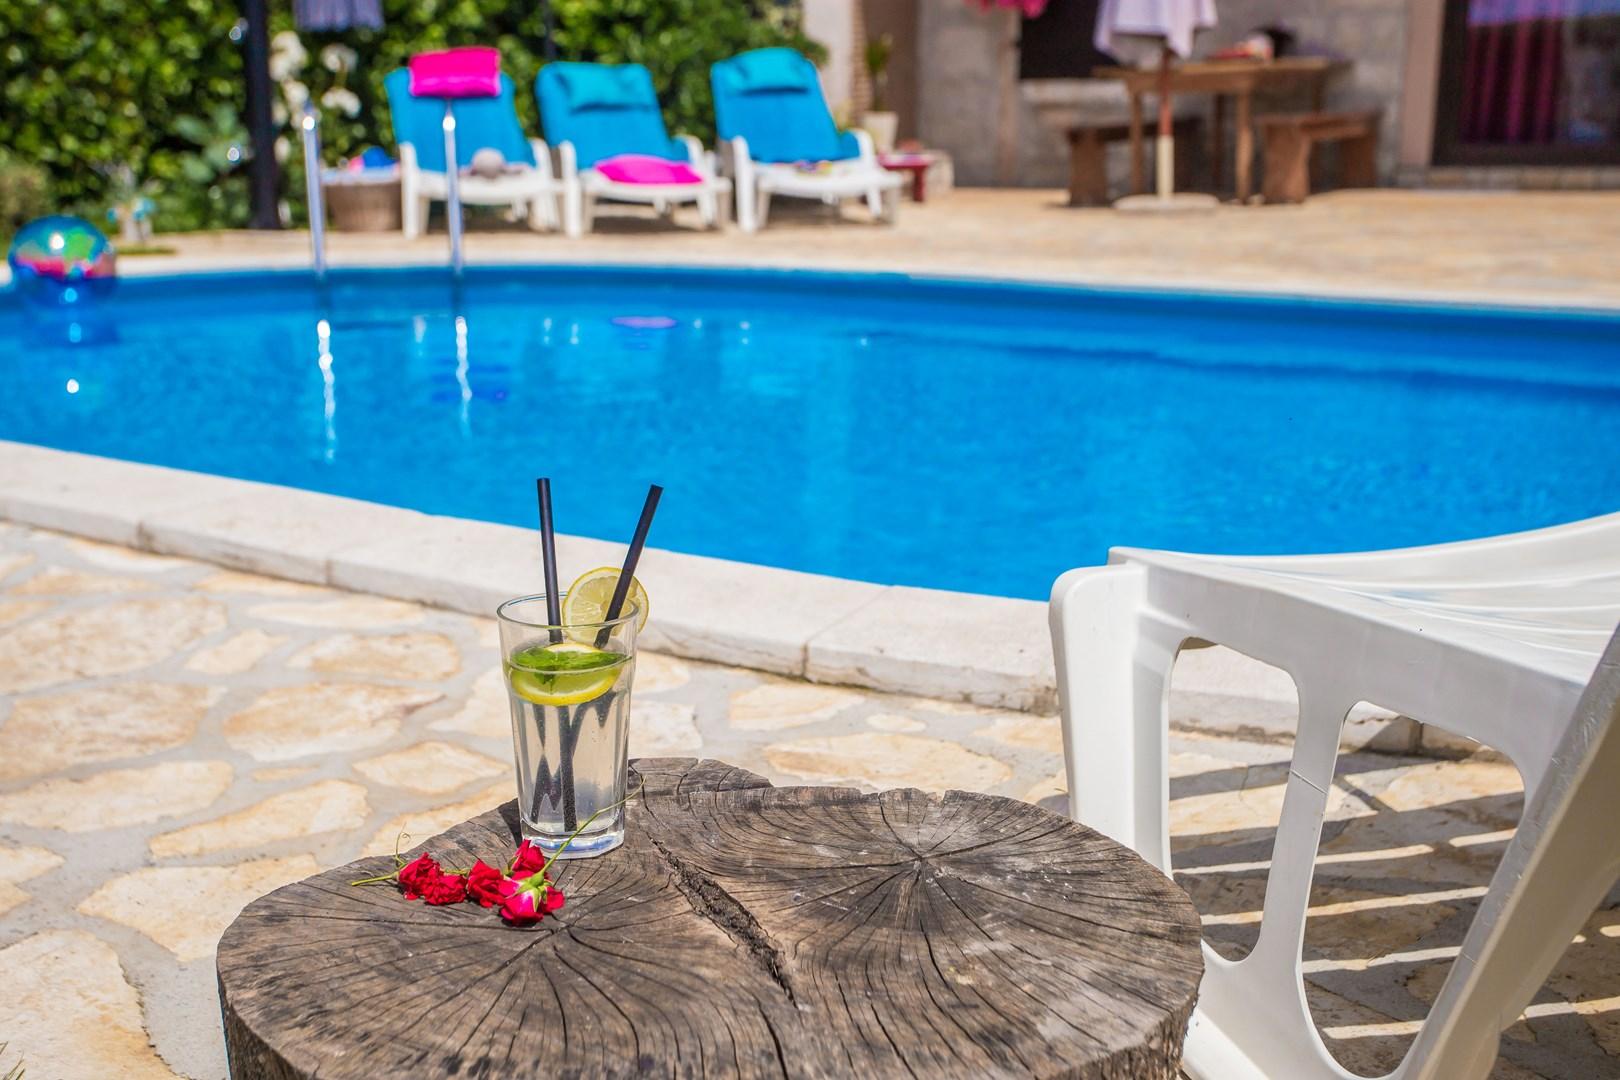 Ferienhaus Marinela mit privatem Pool (1412599), Kanfanar, , Istrien, Kroatien, Bild 18